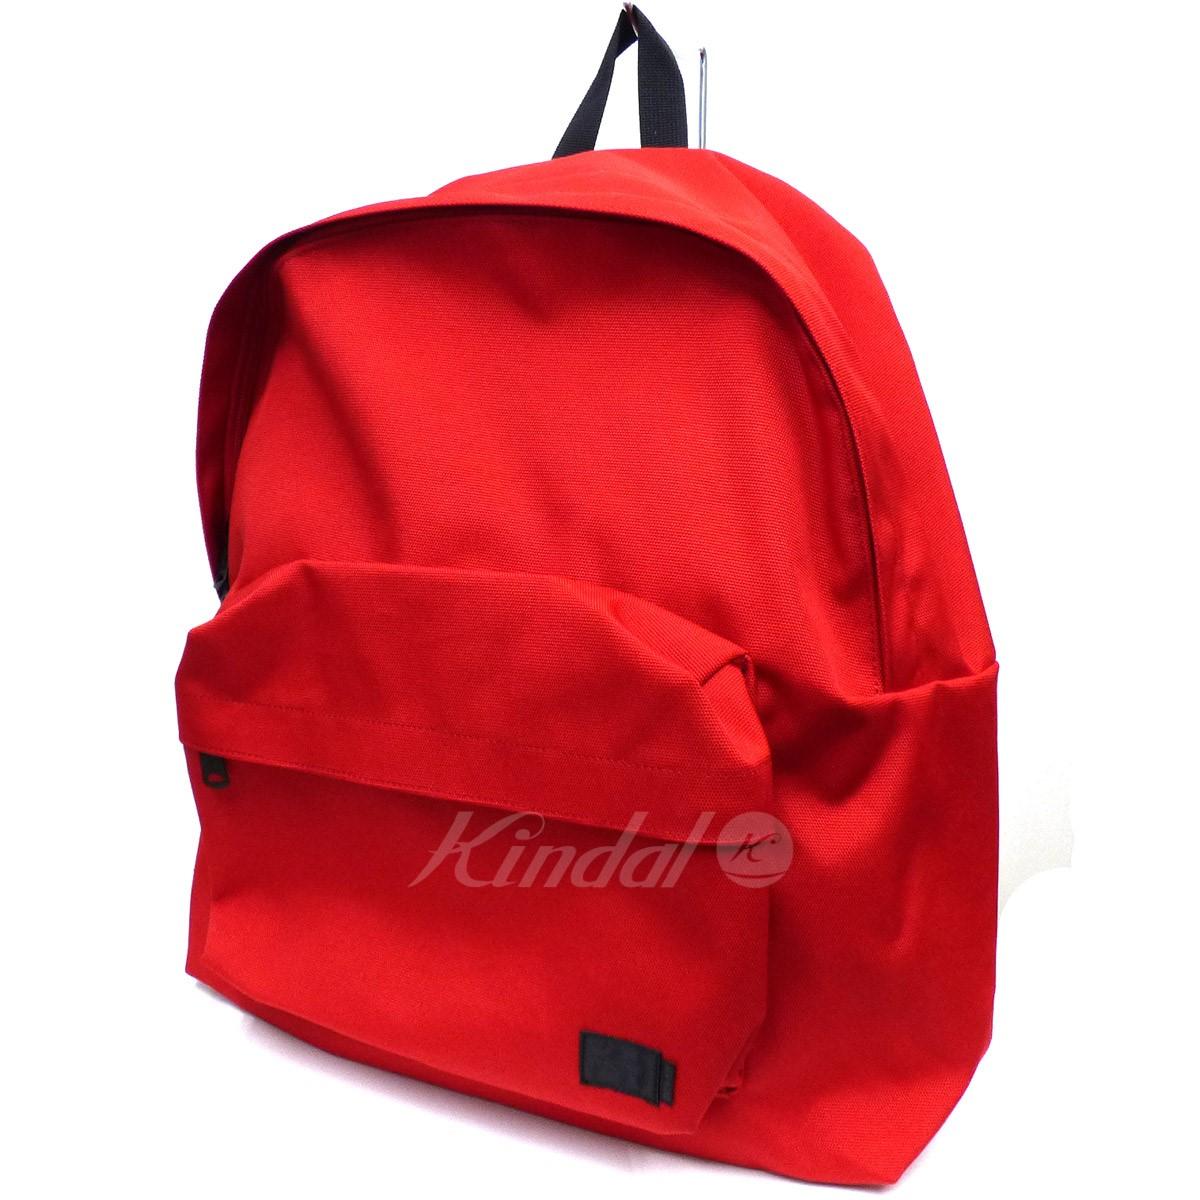 【中古】MIN-NANO×PORTER Backpackオーバーサイズバックパック バッグ デイパック レッド サイズ:- 【送料無料】 【130319】(ミンナノ ポーター)